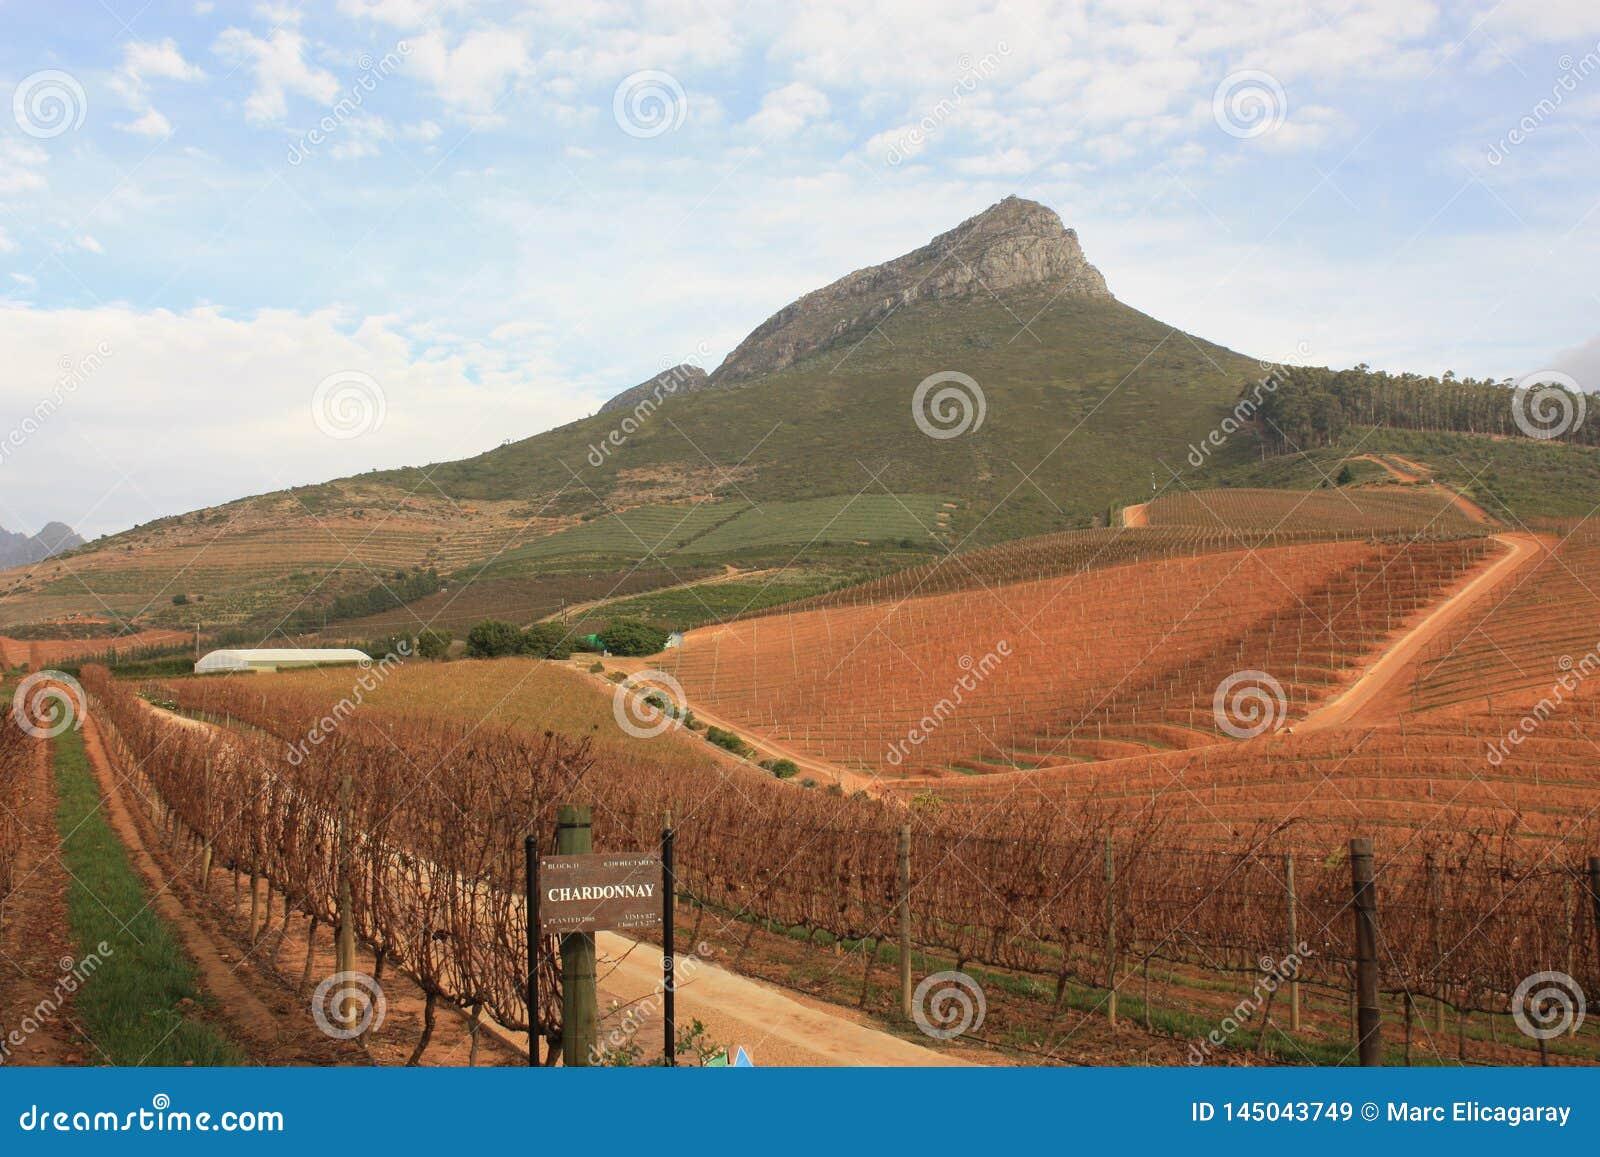 Wijnstokyard Stellenbosch Southafrica Delaire Graff